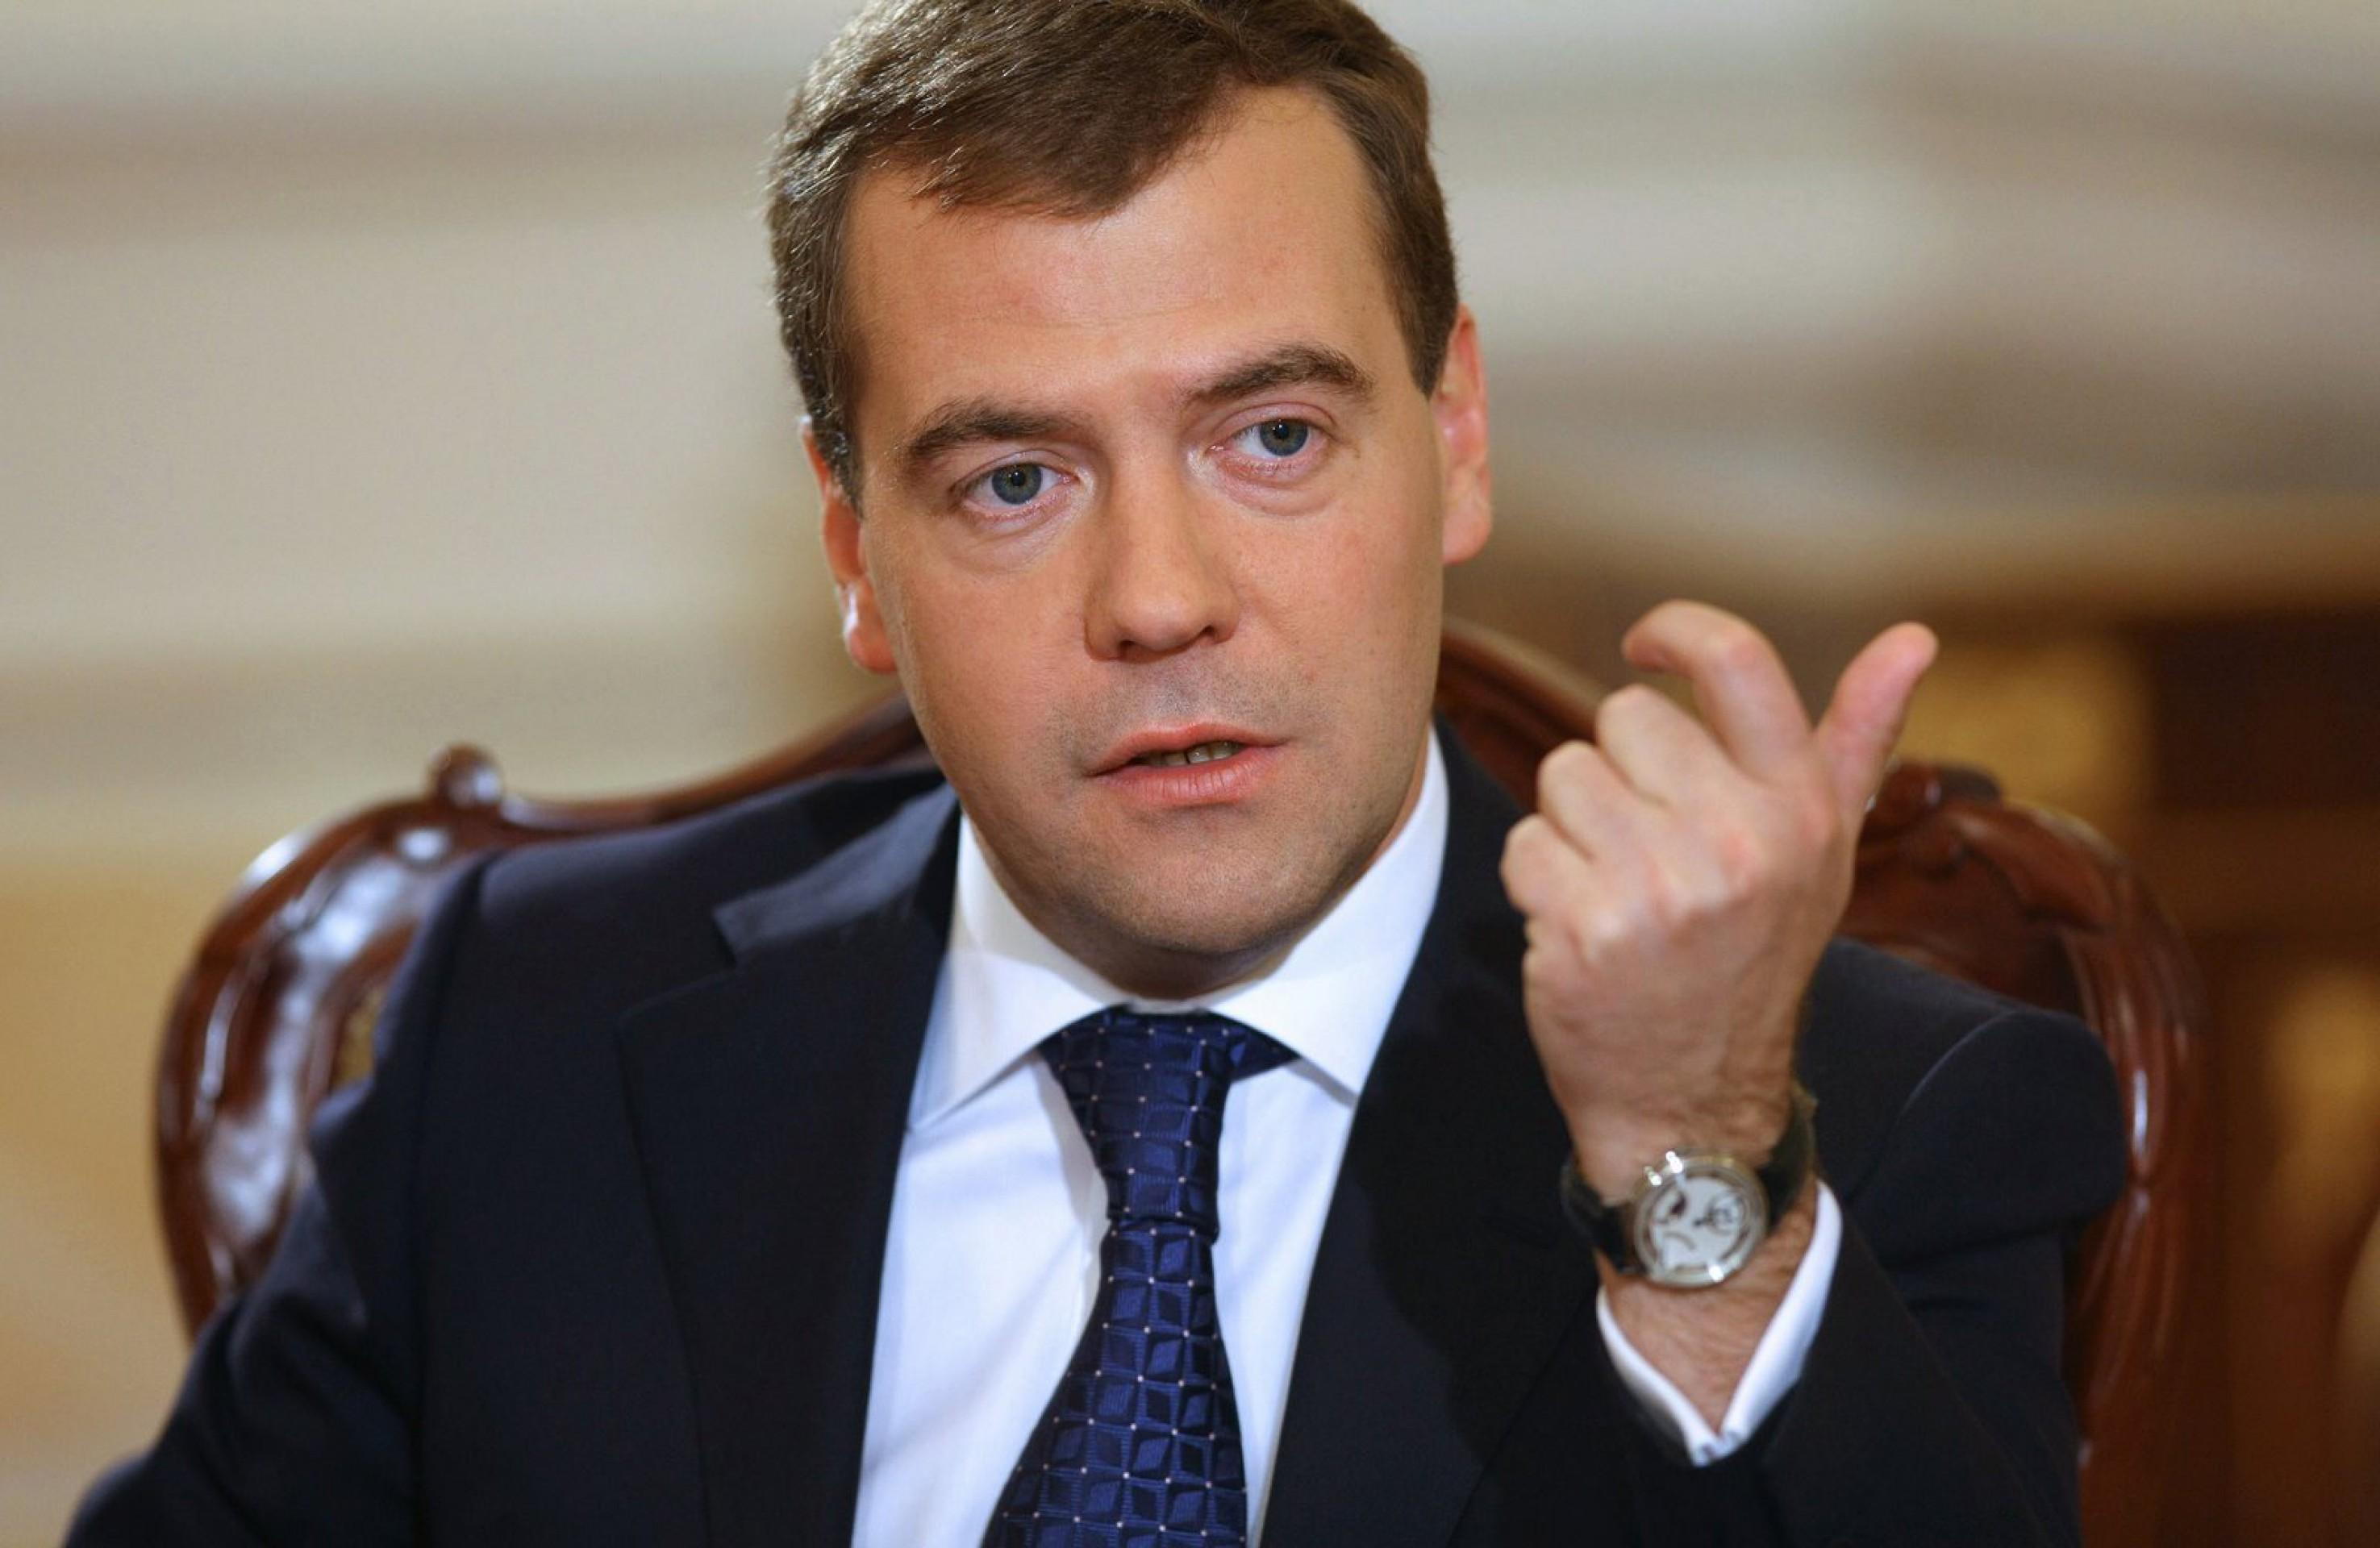 Премьер министр РФ, Дмитрий Медведев, подписал Указ об увеличении финансирования собственных лабораторий по производству ГМО и замене всех посевных материалов всех культур к срочному переходу на генно-модифицированную продукцию